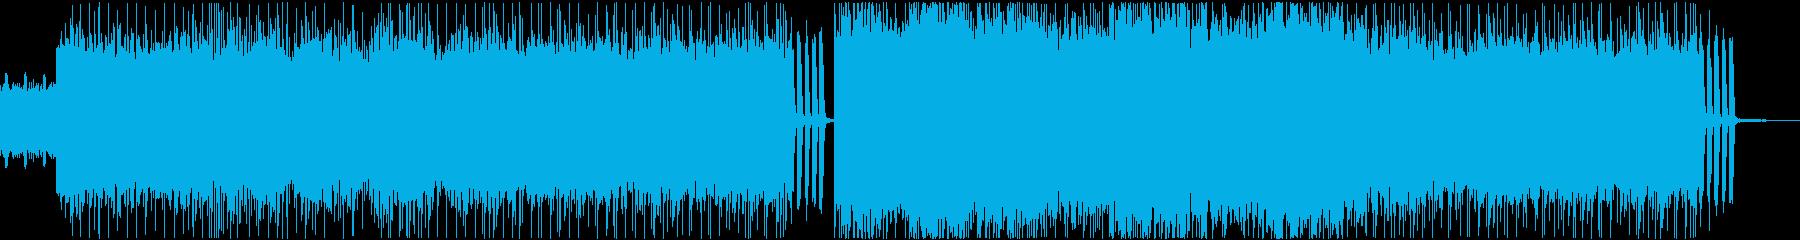 爆走ロック・メタル系BGM No.1の再生済みの波形